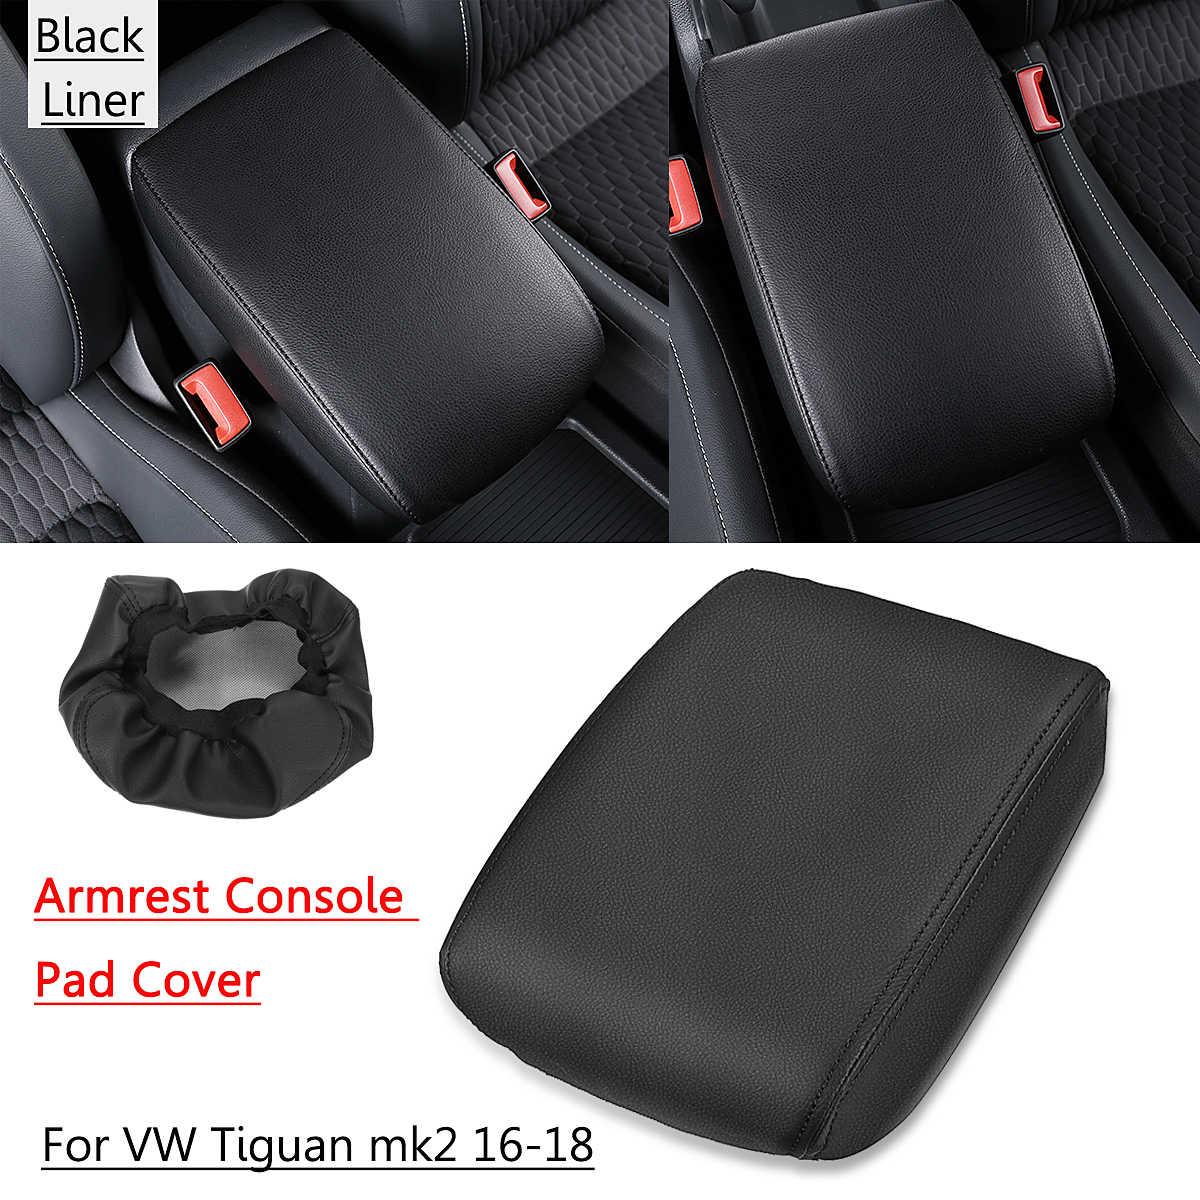 車のセンターコンソールシートアームレストボックスパッド Pu レザーフォルクスワーゲン/VW ティグアン MK2 2016 2017 2018 車インテリアアクセサリー